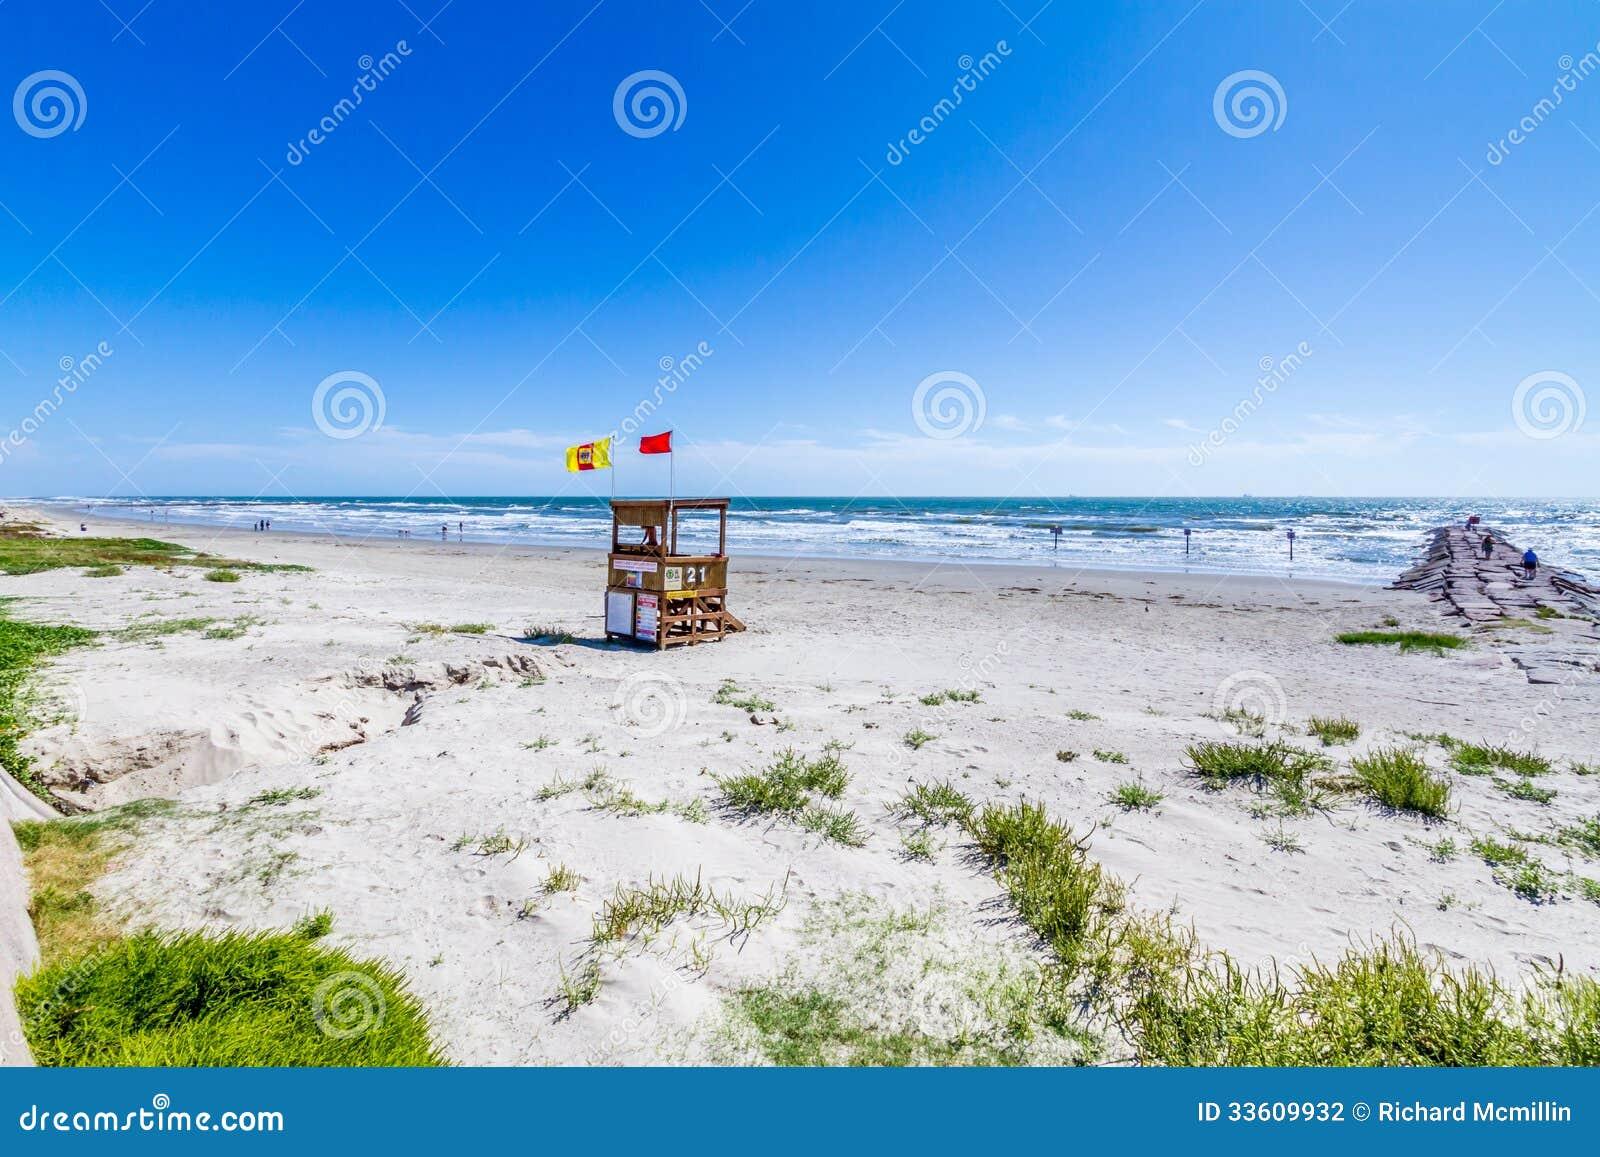 Όμορφες κυματωγή και άμμος σε μια ωκεάνια παραλία καλοκαιριού.